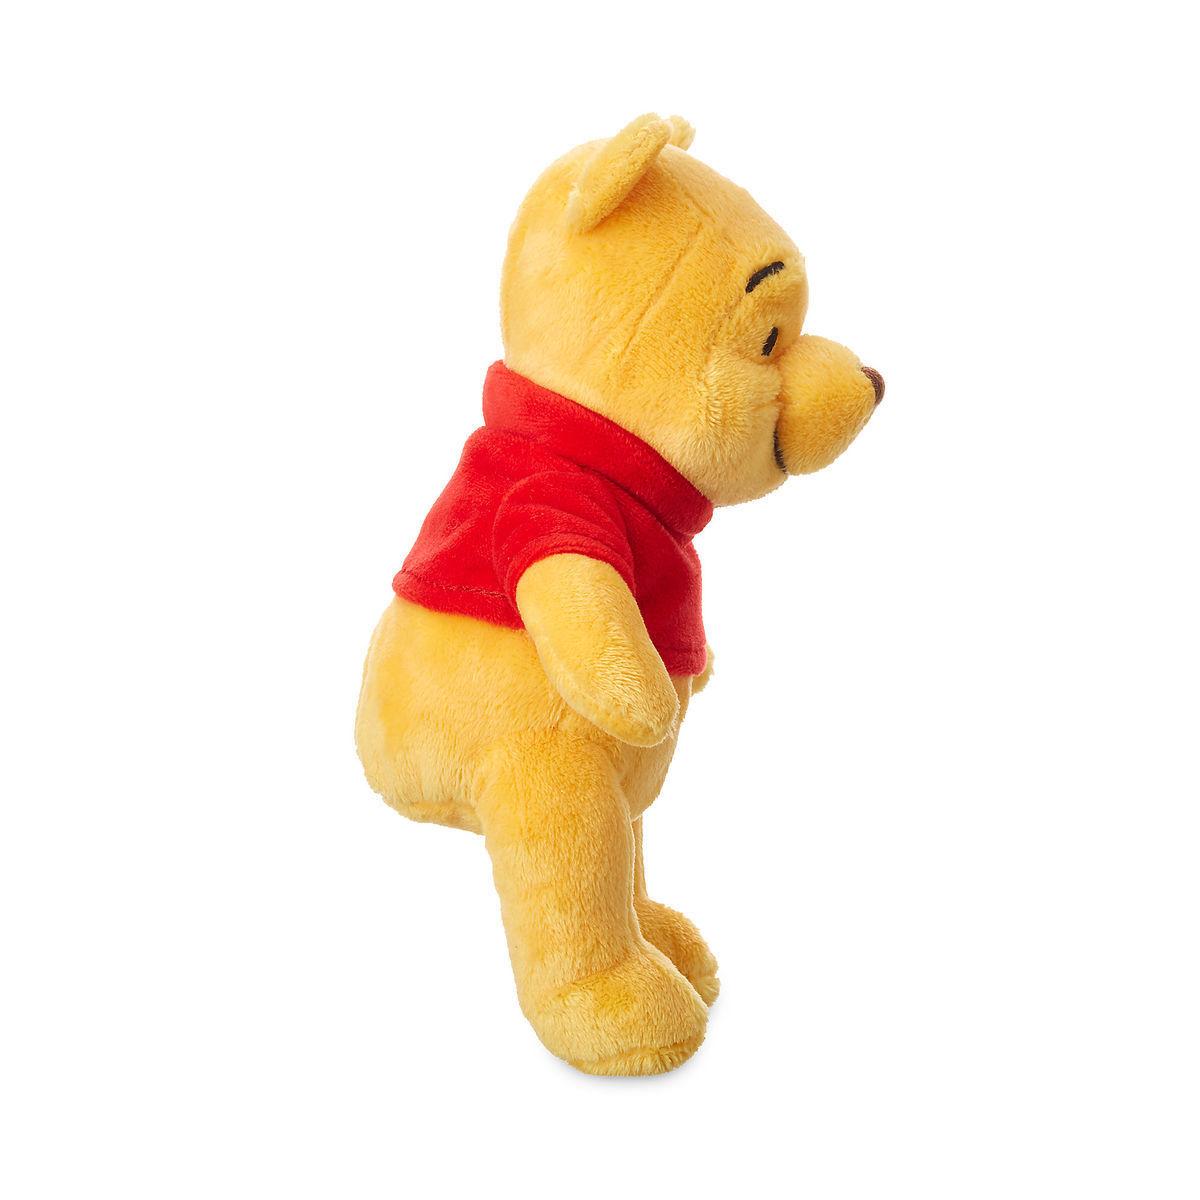 Мягкая игрушка Винни Пух - 19 см